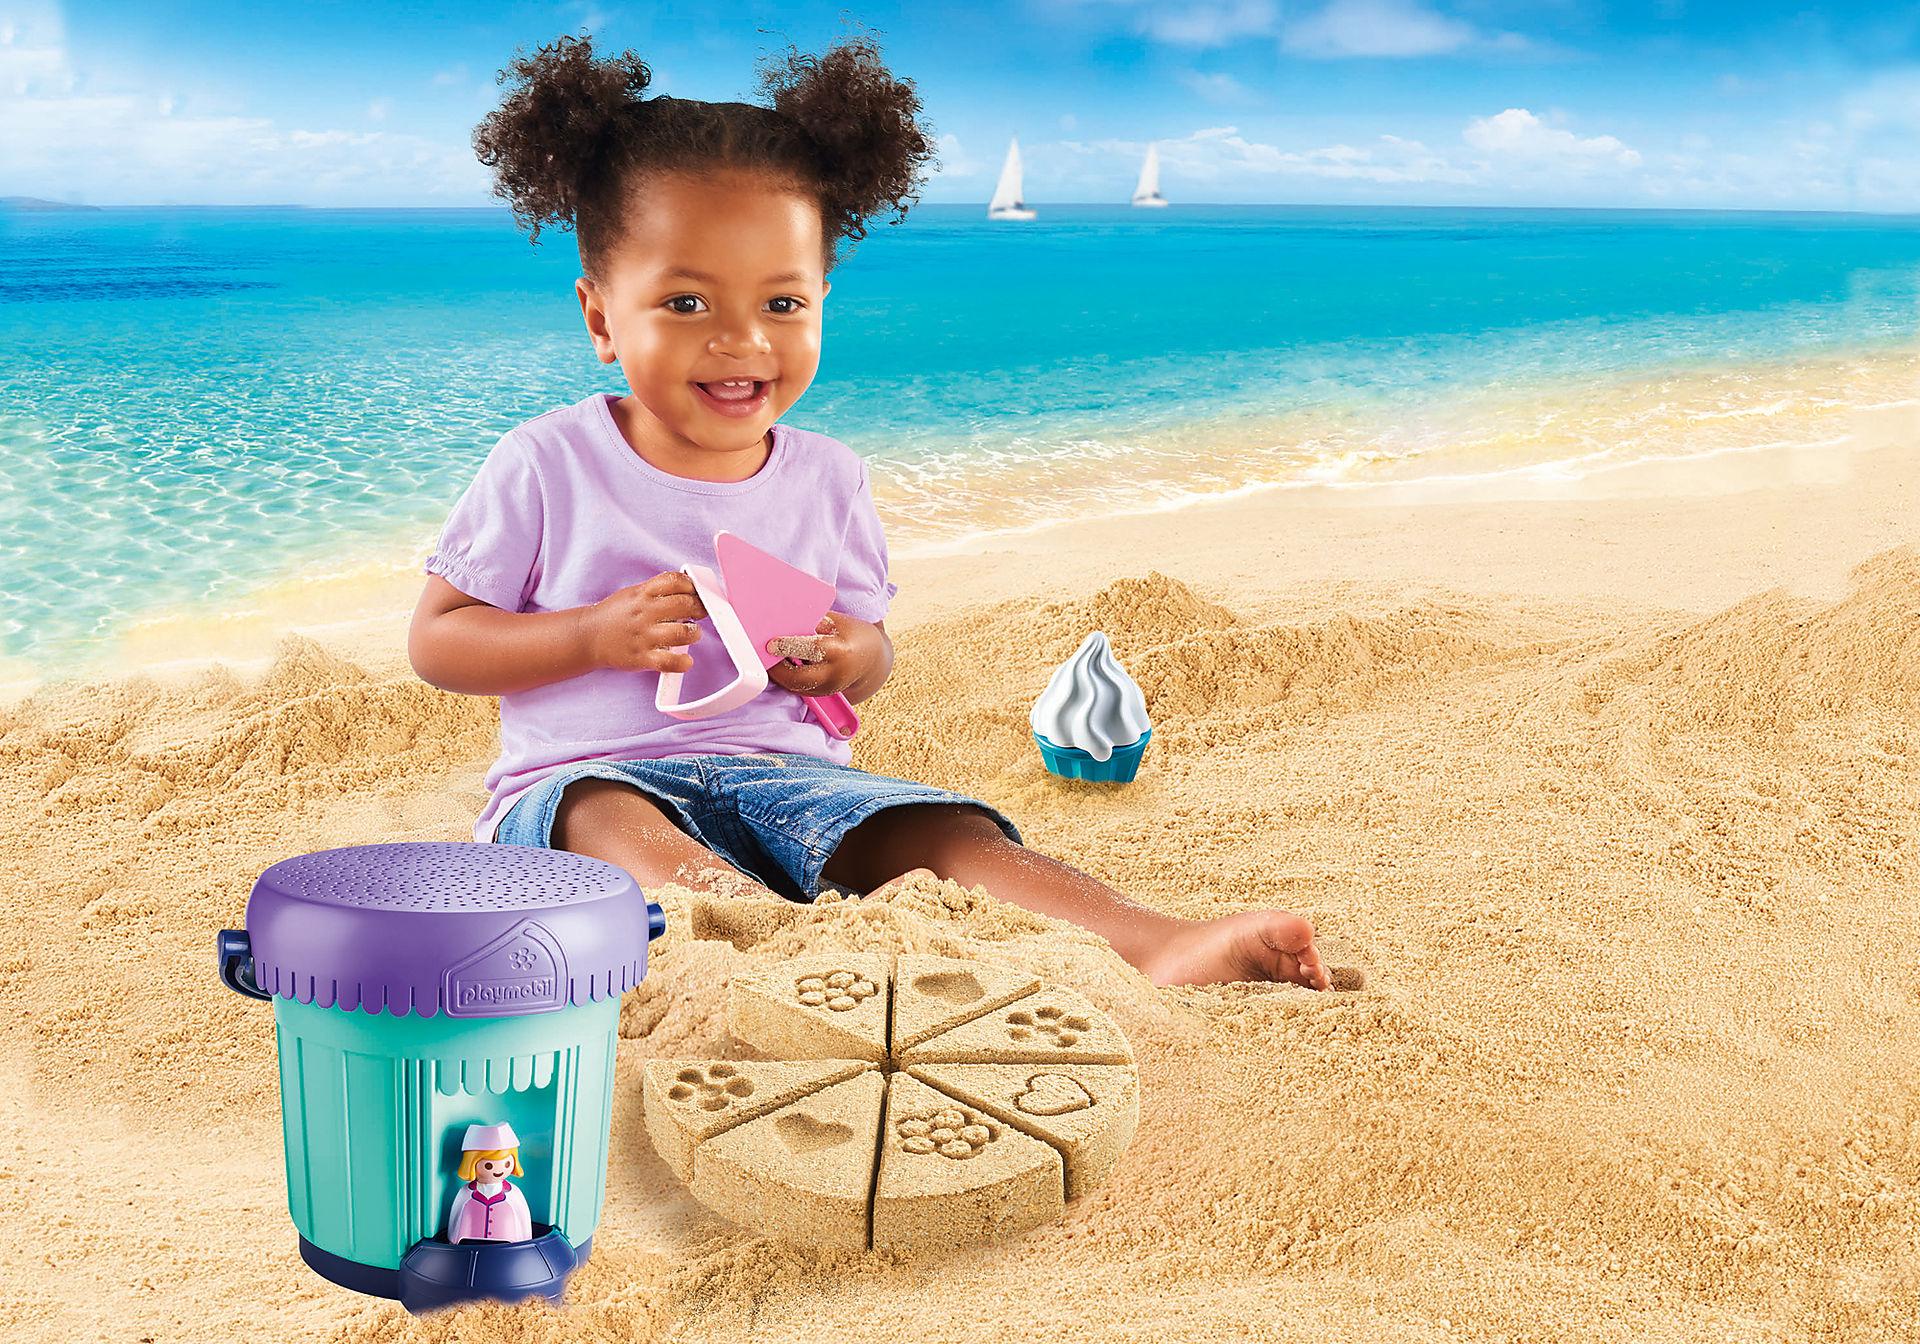 70339 Bakery Sand Bucket zoom image7